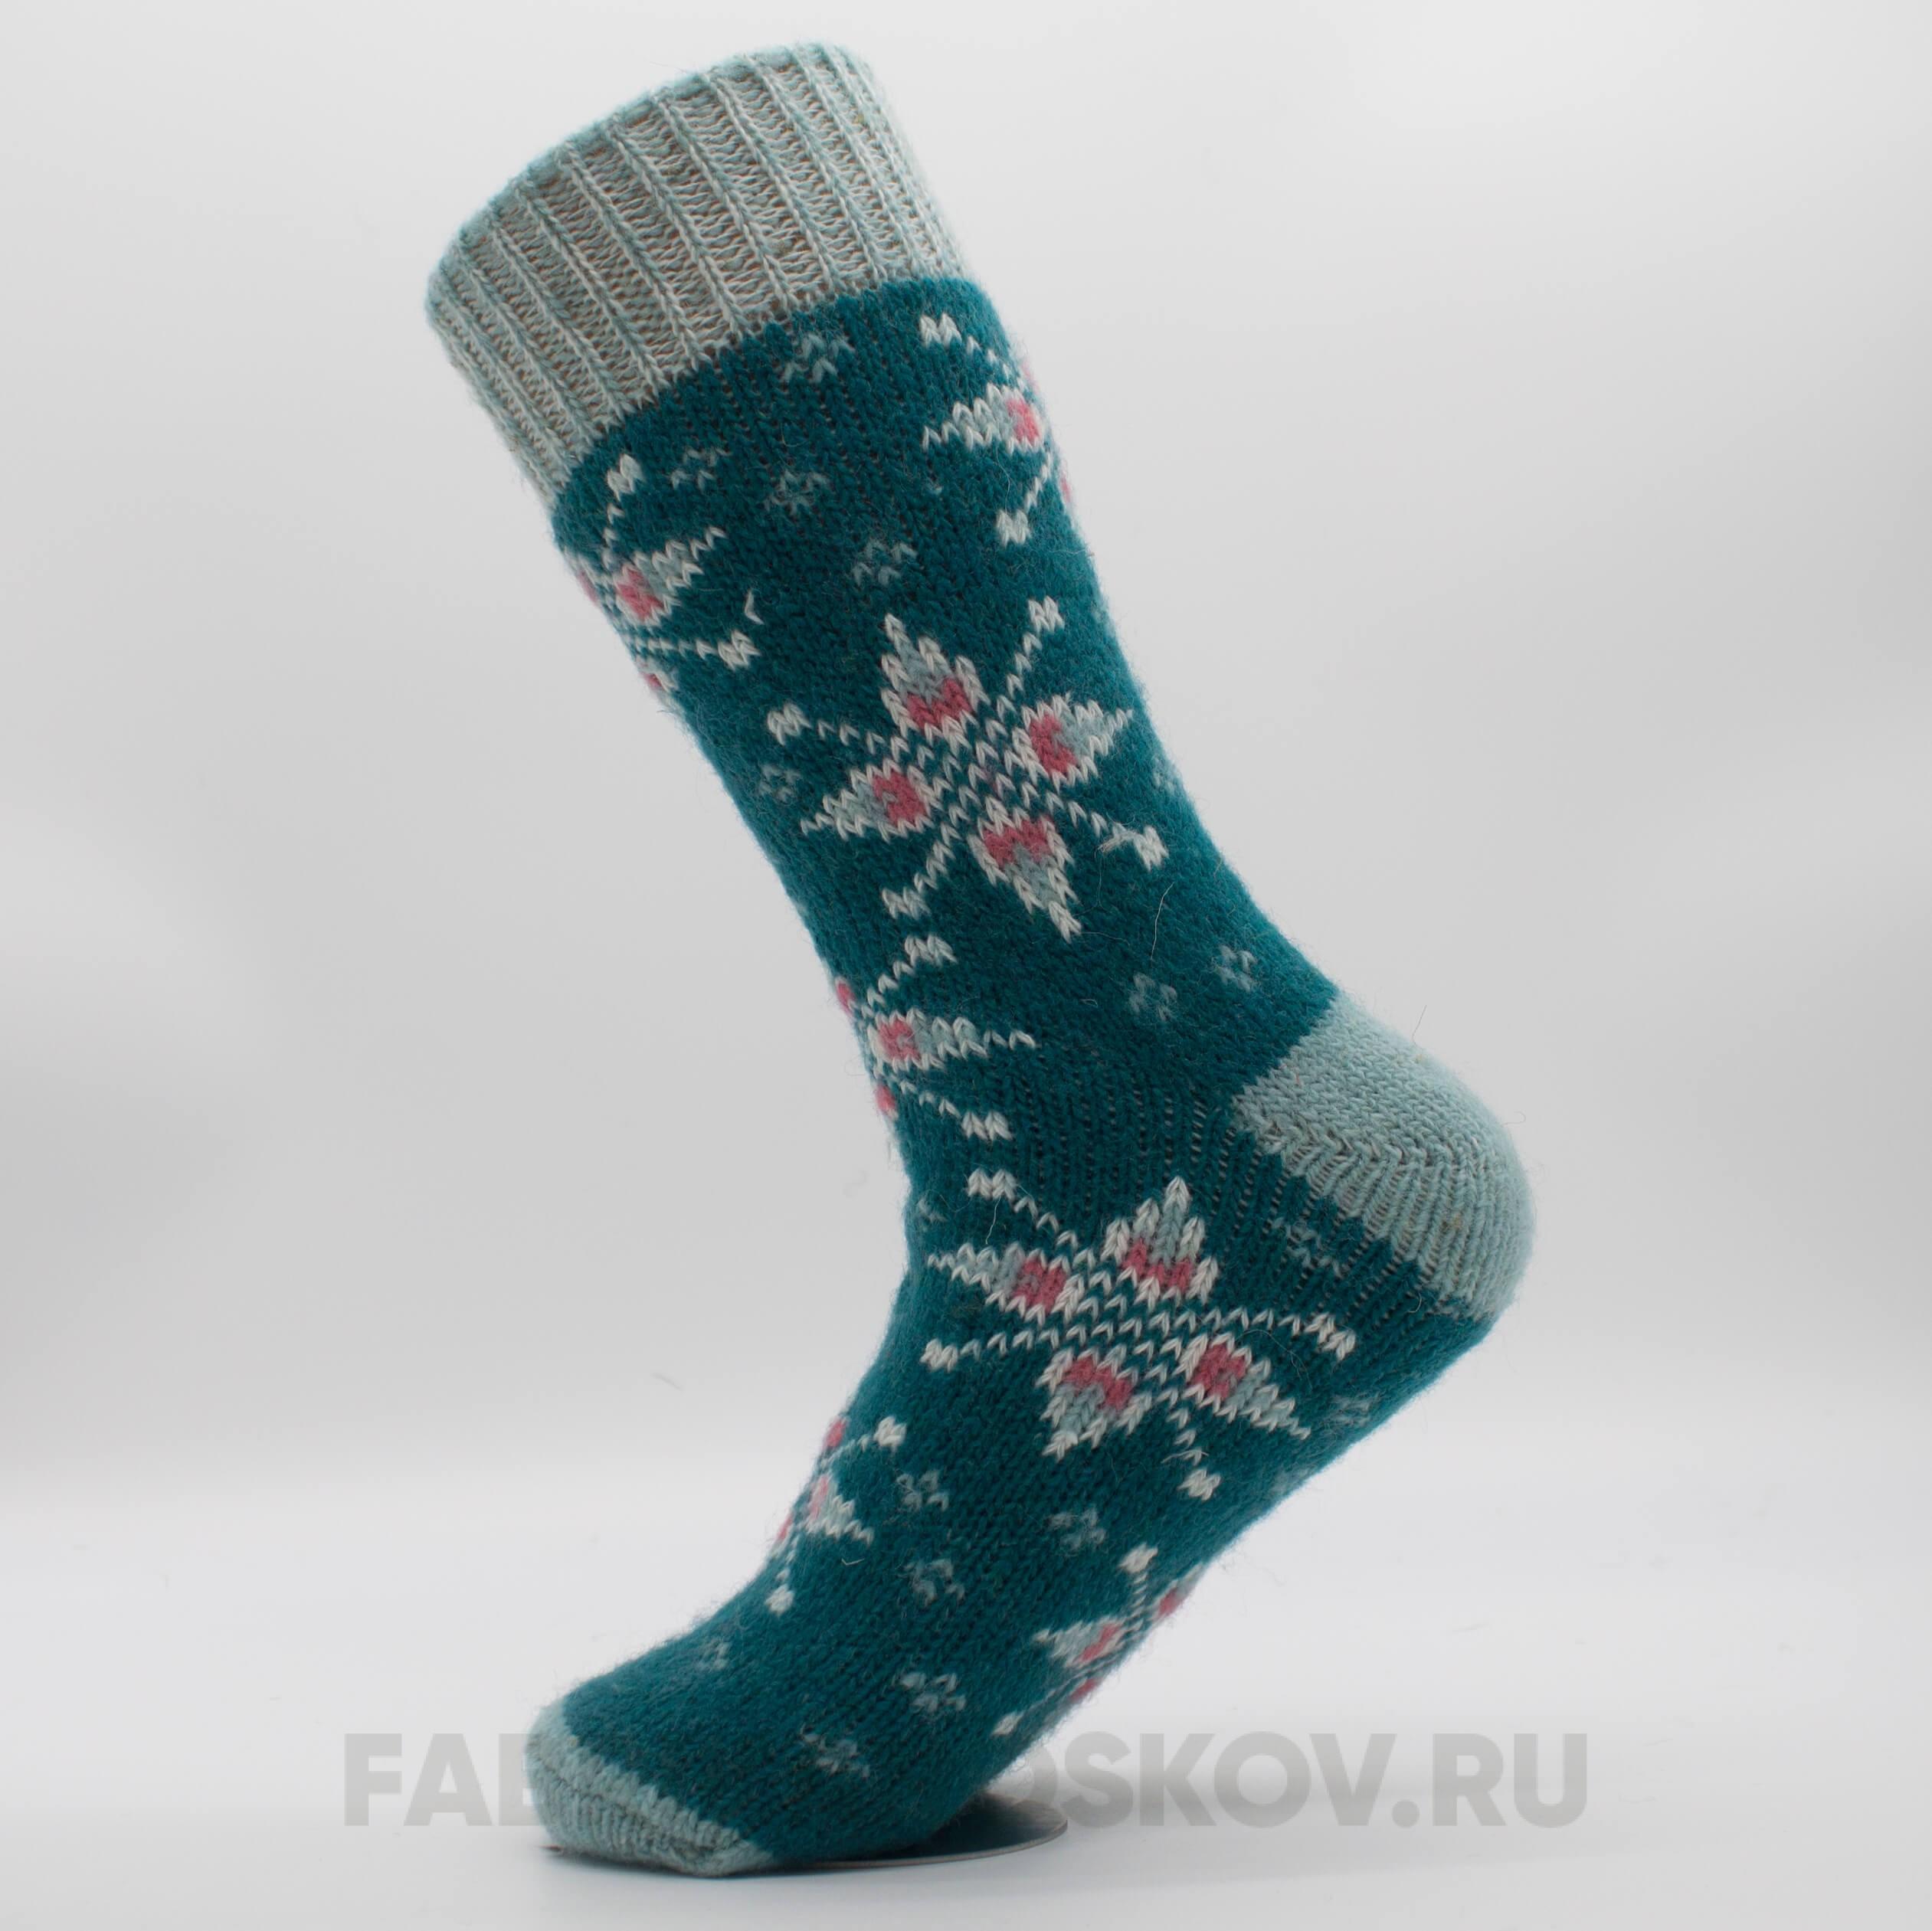 Женские шерстяные носки со звездами